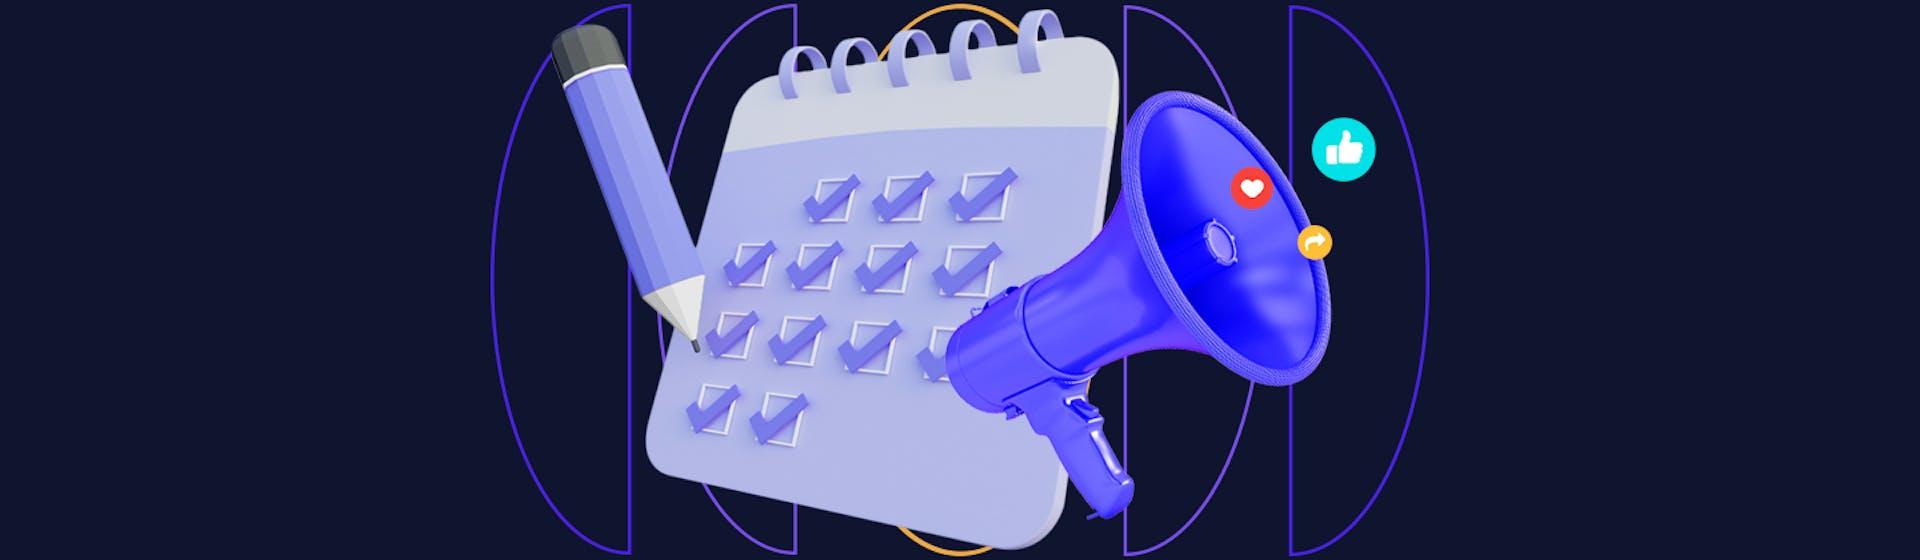 Marketing en redes sociales: 9 simples pasos para diseñar un plan cautivador